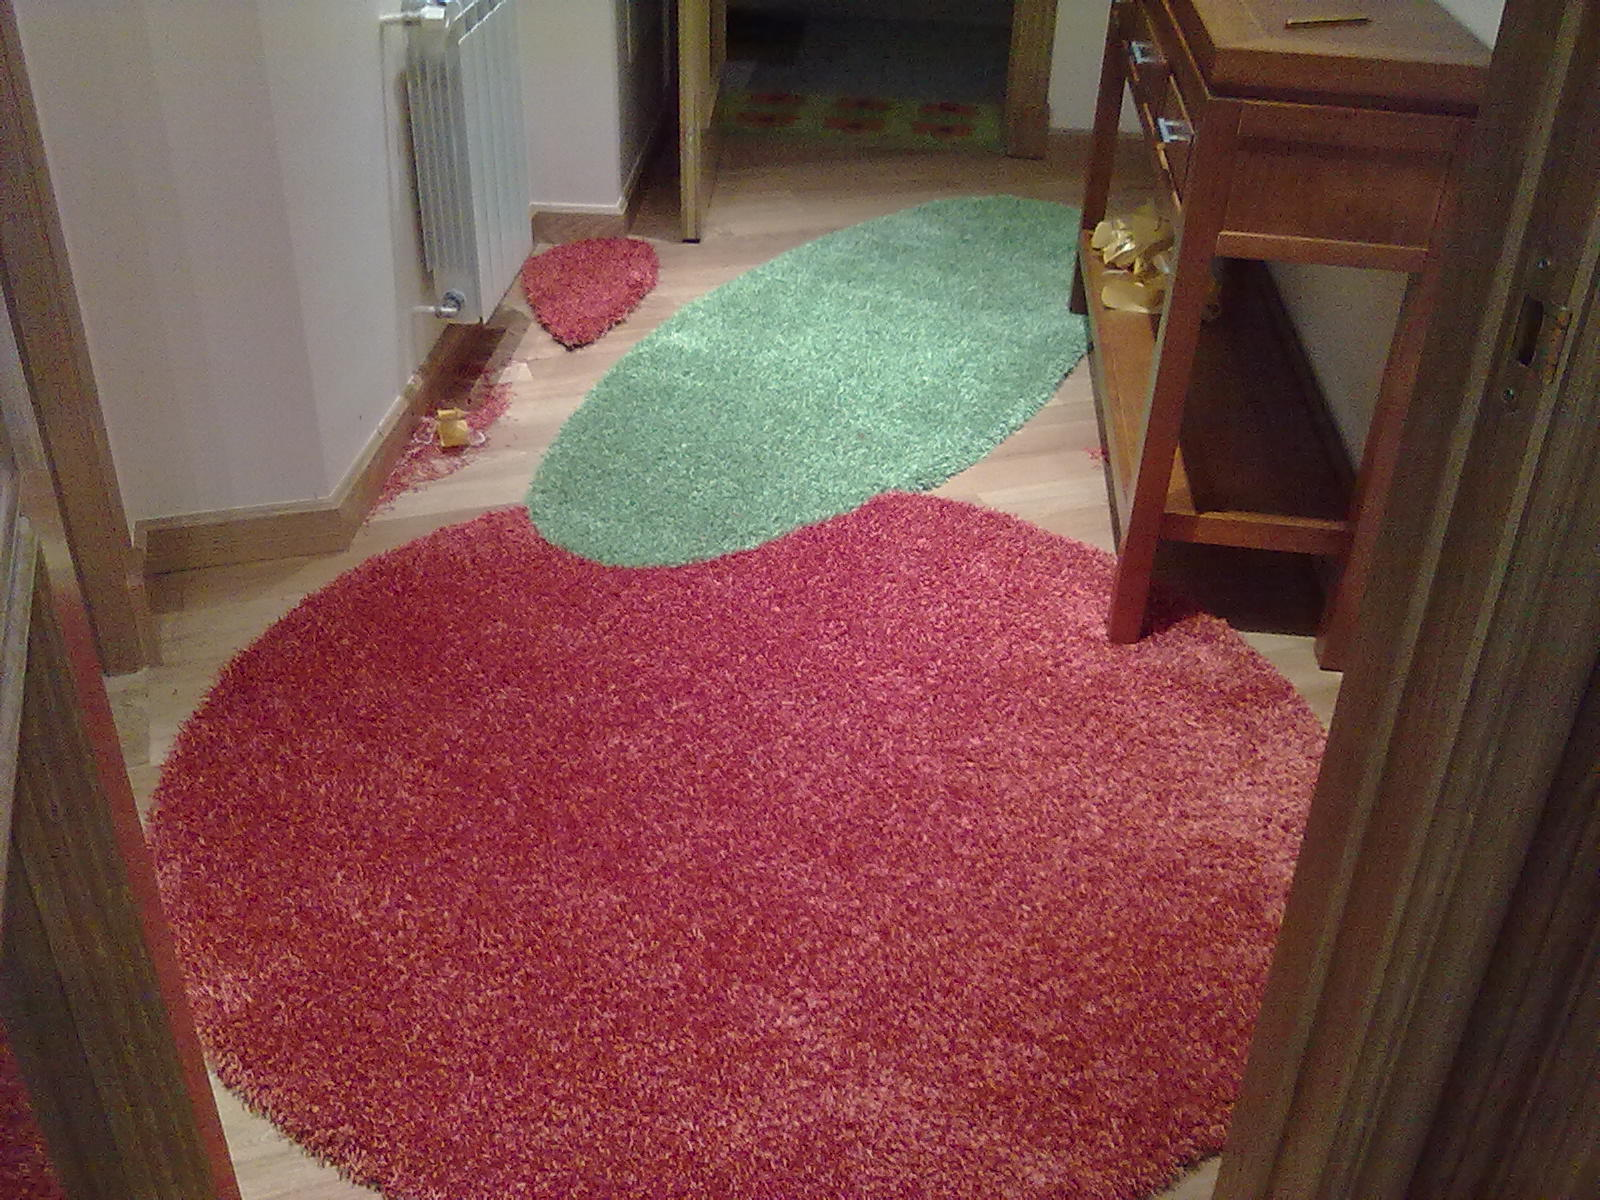 Quintero decoraci n textil alfombras a medida for Alfombras a medida